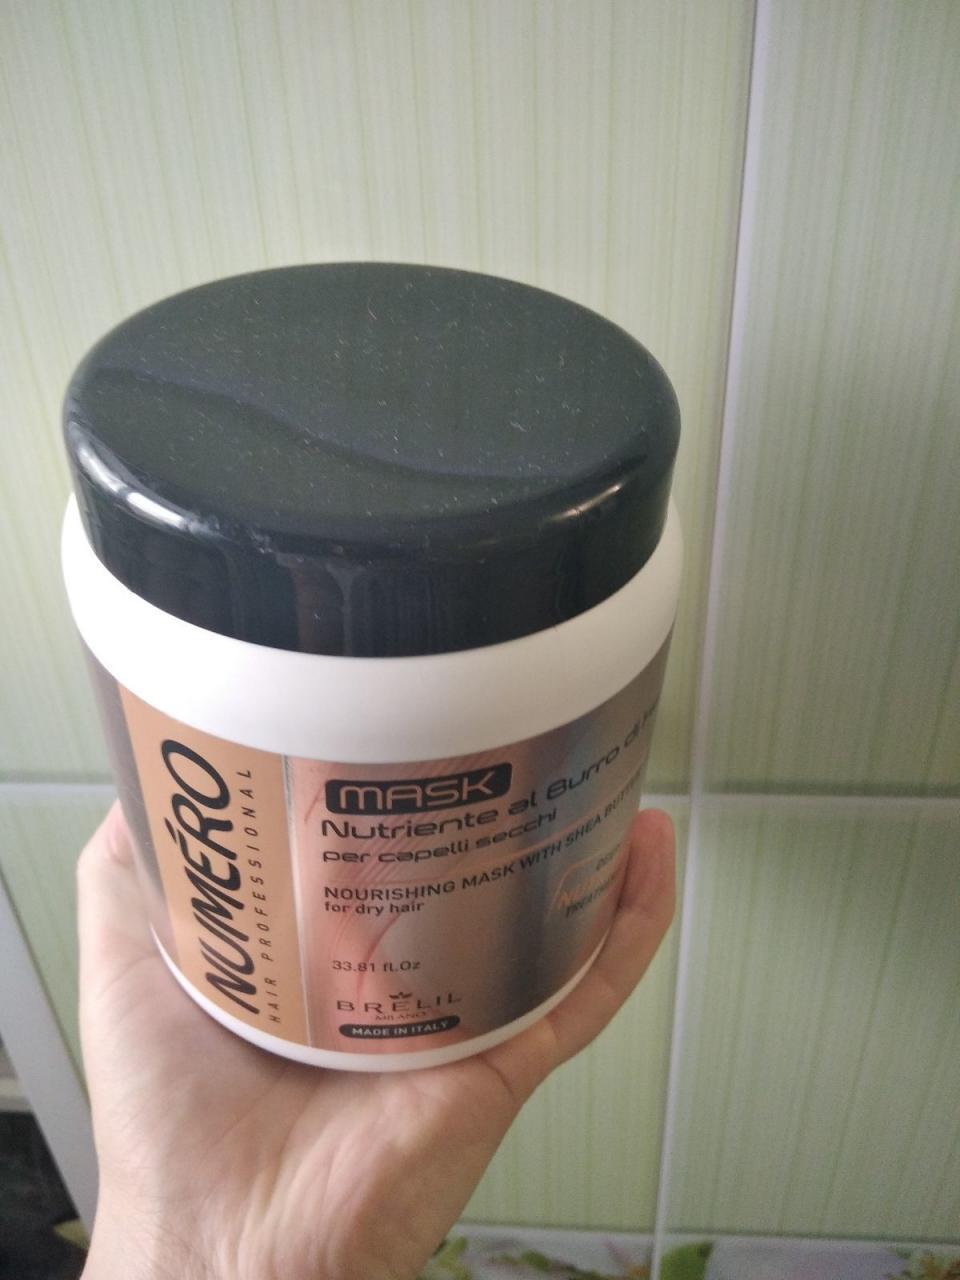 Отзыв на товар: Маска с маслом каритэ для сухих волос. Brelil Professional. Вид 2 от 1616576848